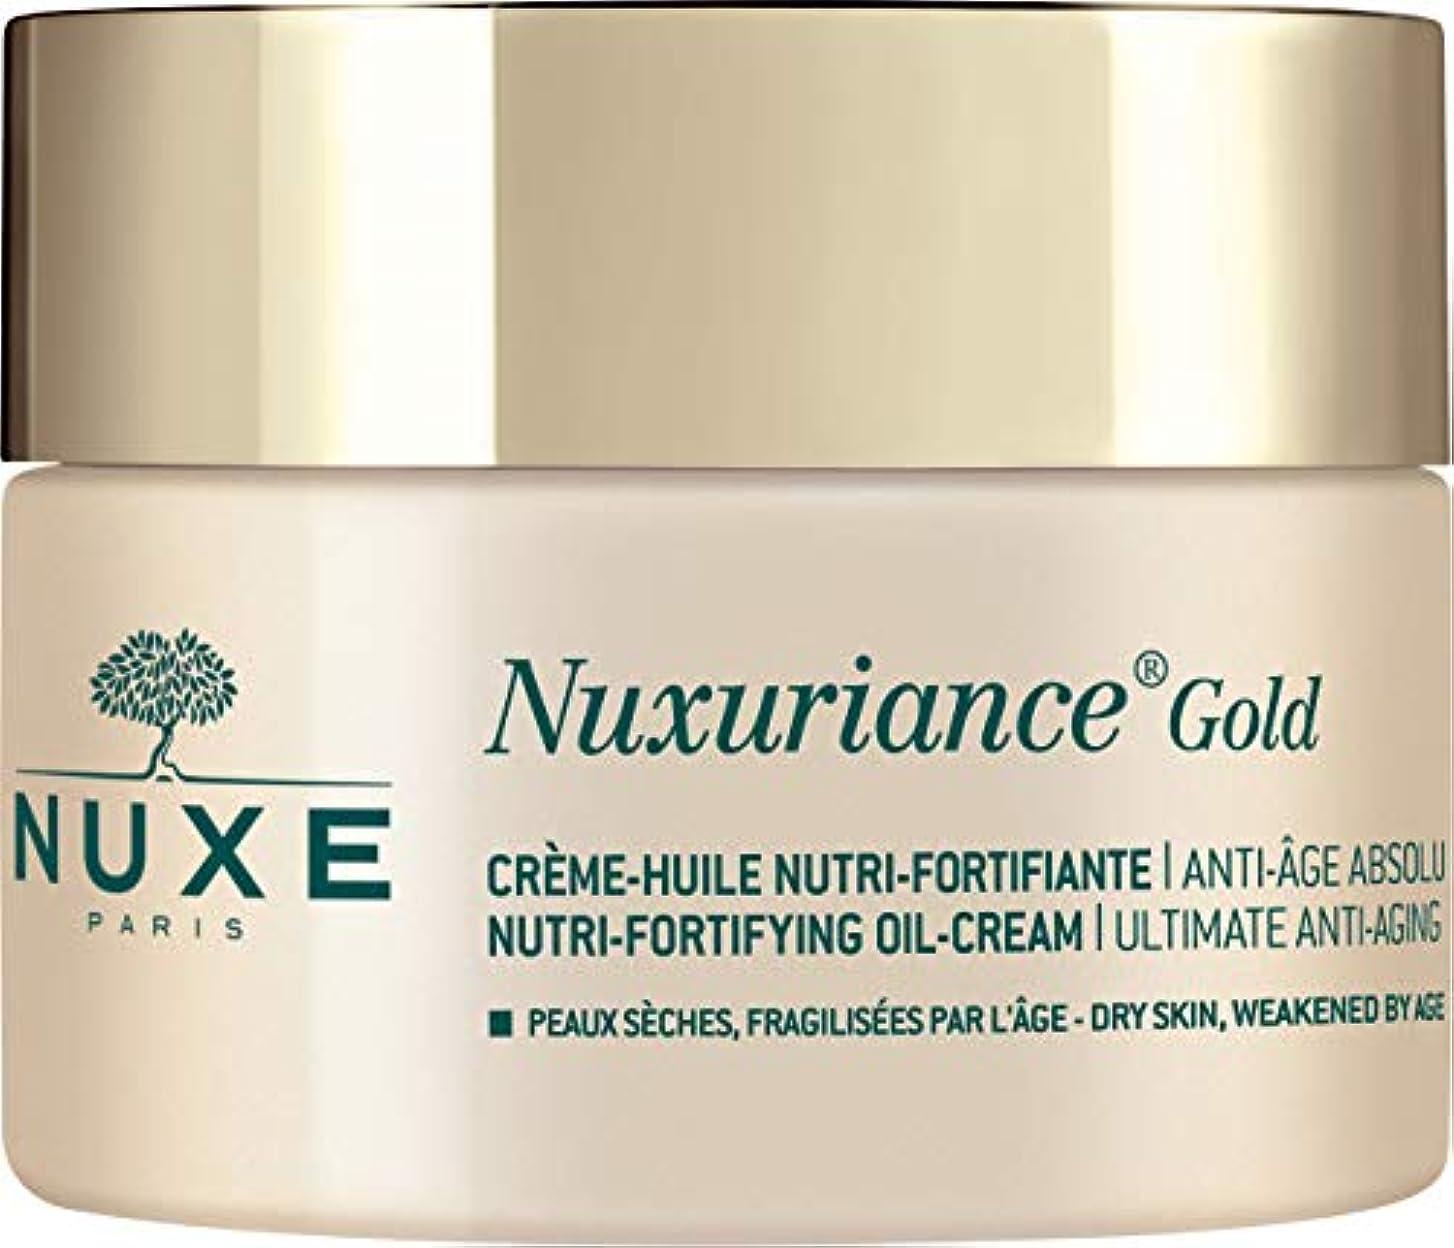 面積問題不倫ニュクス[NUXE] ニュクスリアンス ゴールド オイルクリーム 50ml 海外直送品